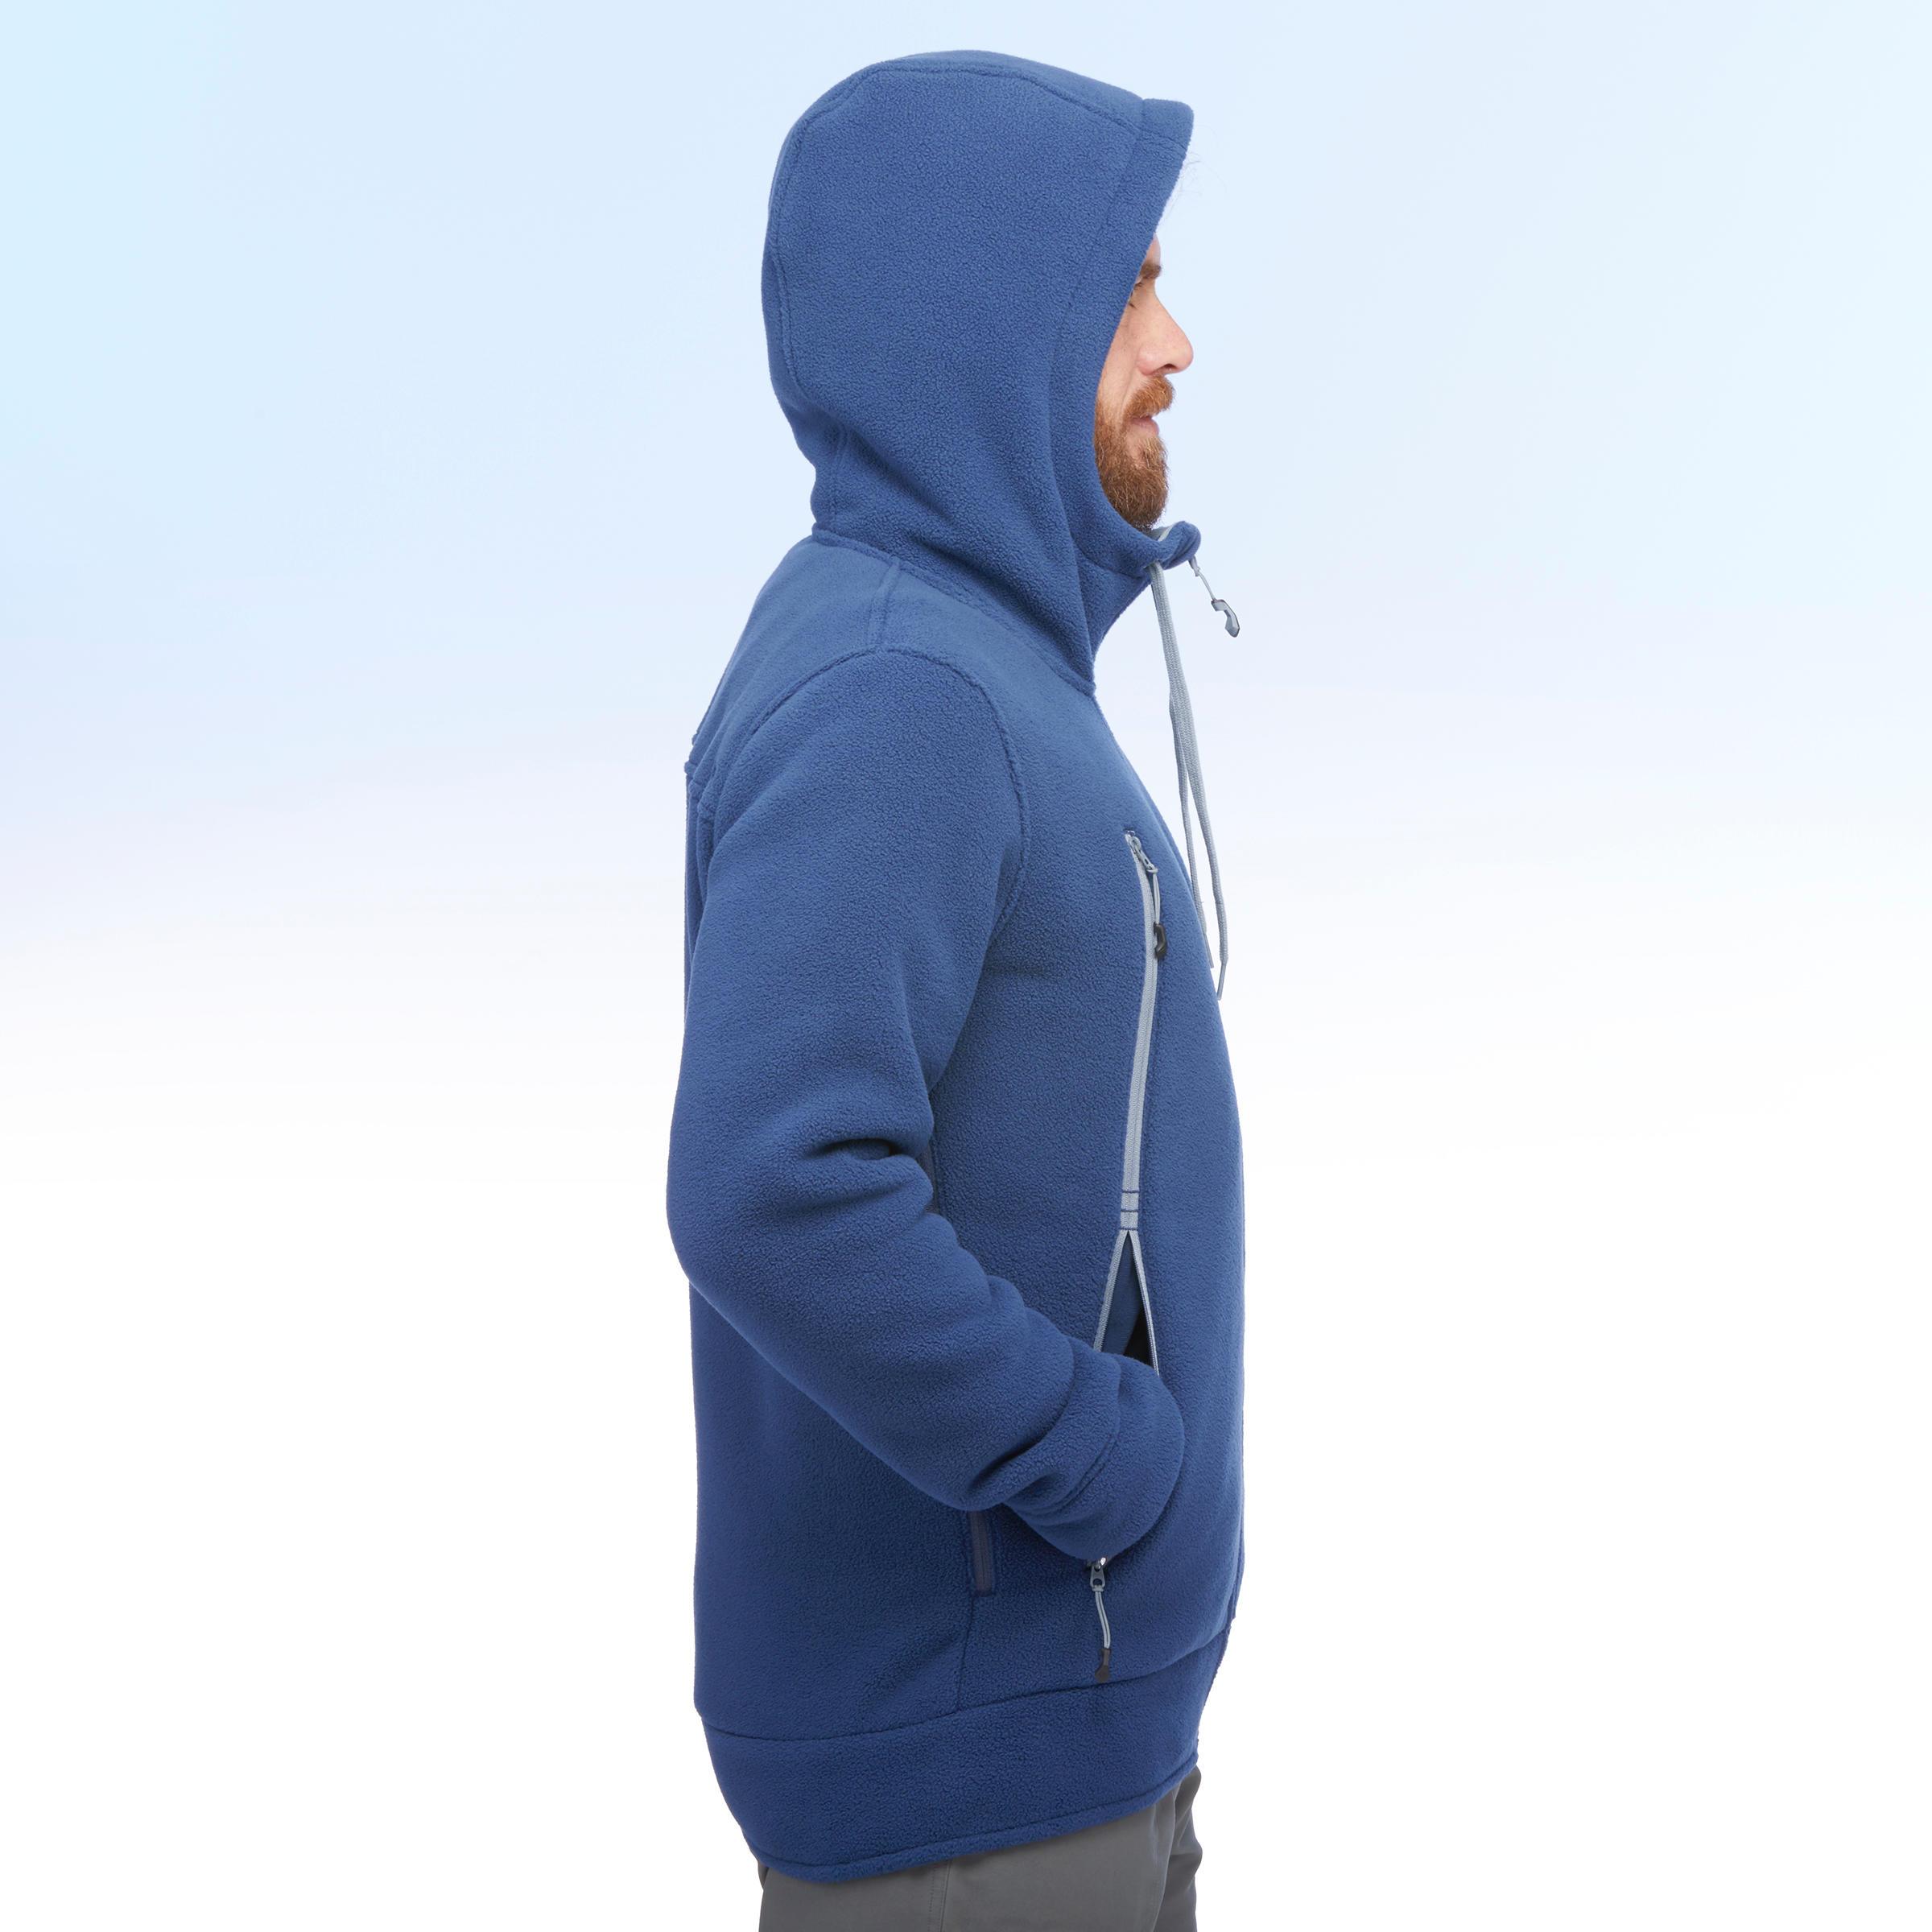 Homme Polaire Bleue Veste Neige Randonnée Ultra Warm De Sh100 wUTIdFTq